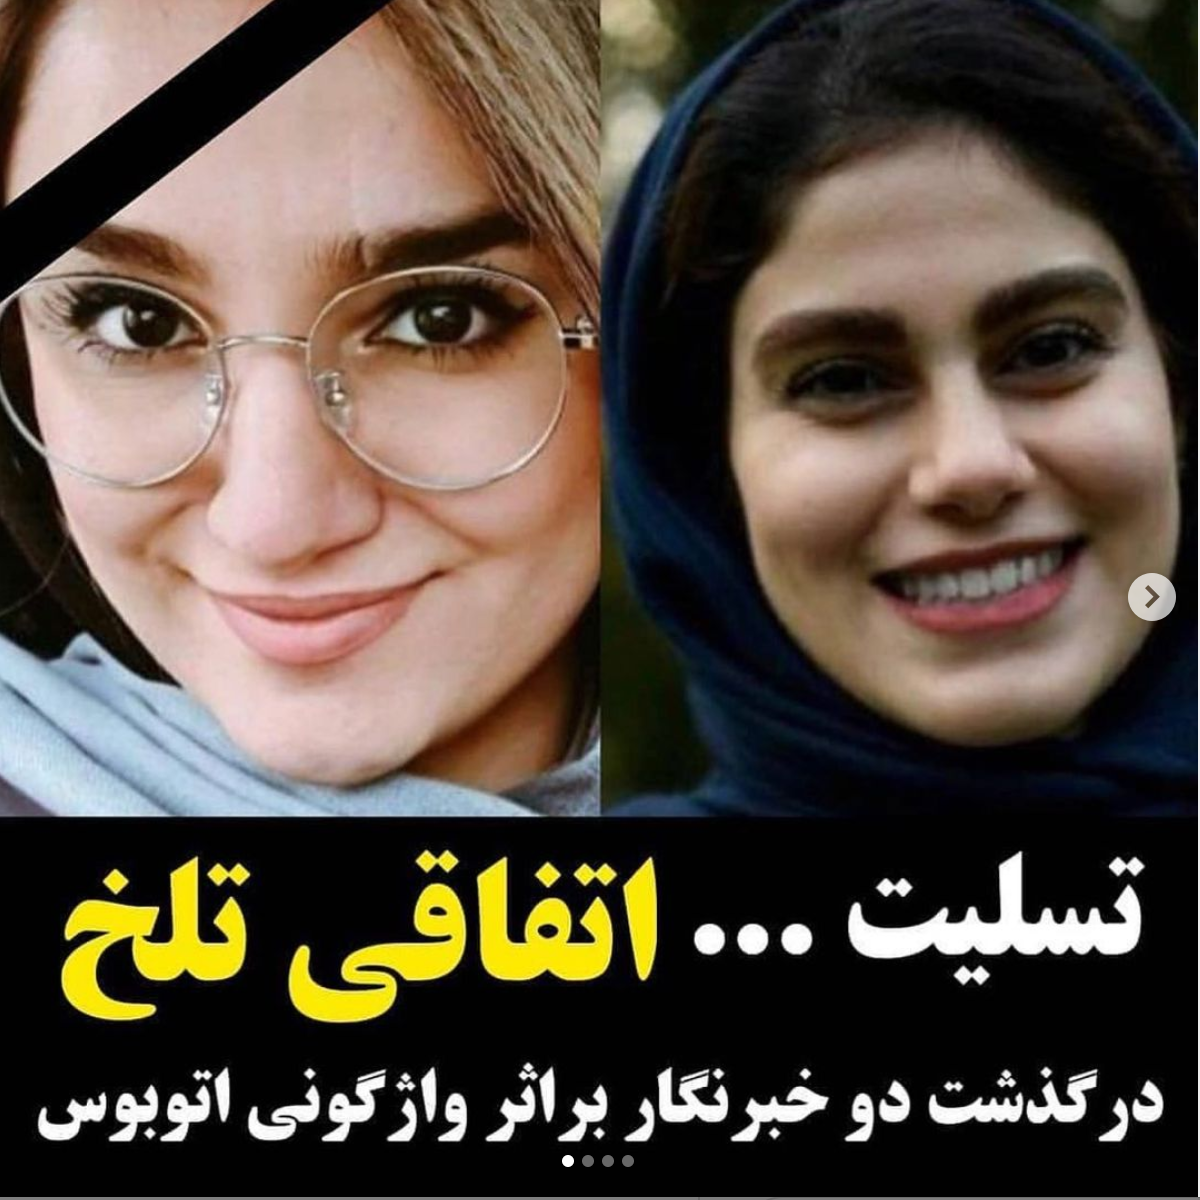 مرگ خبرنگار زن